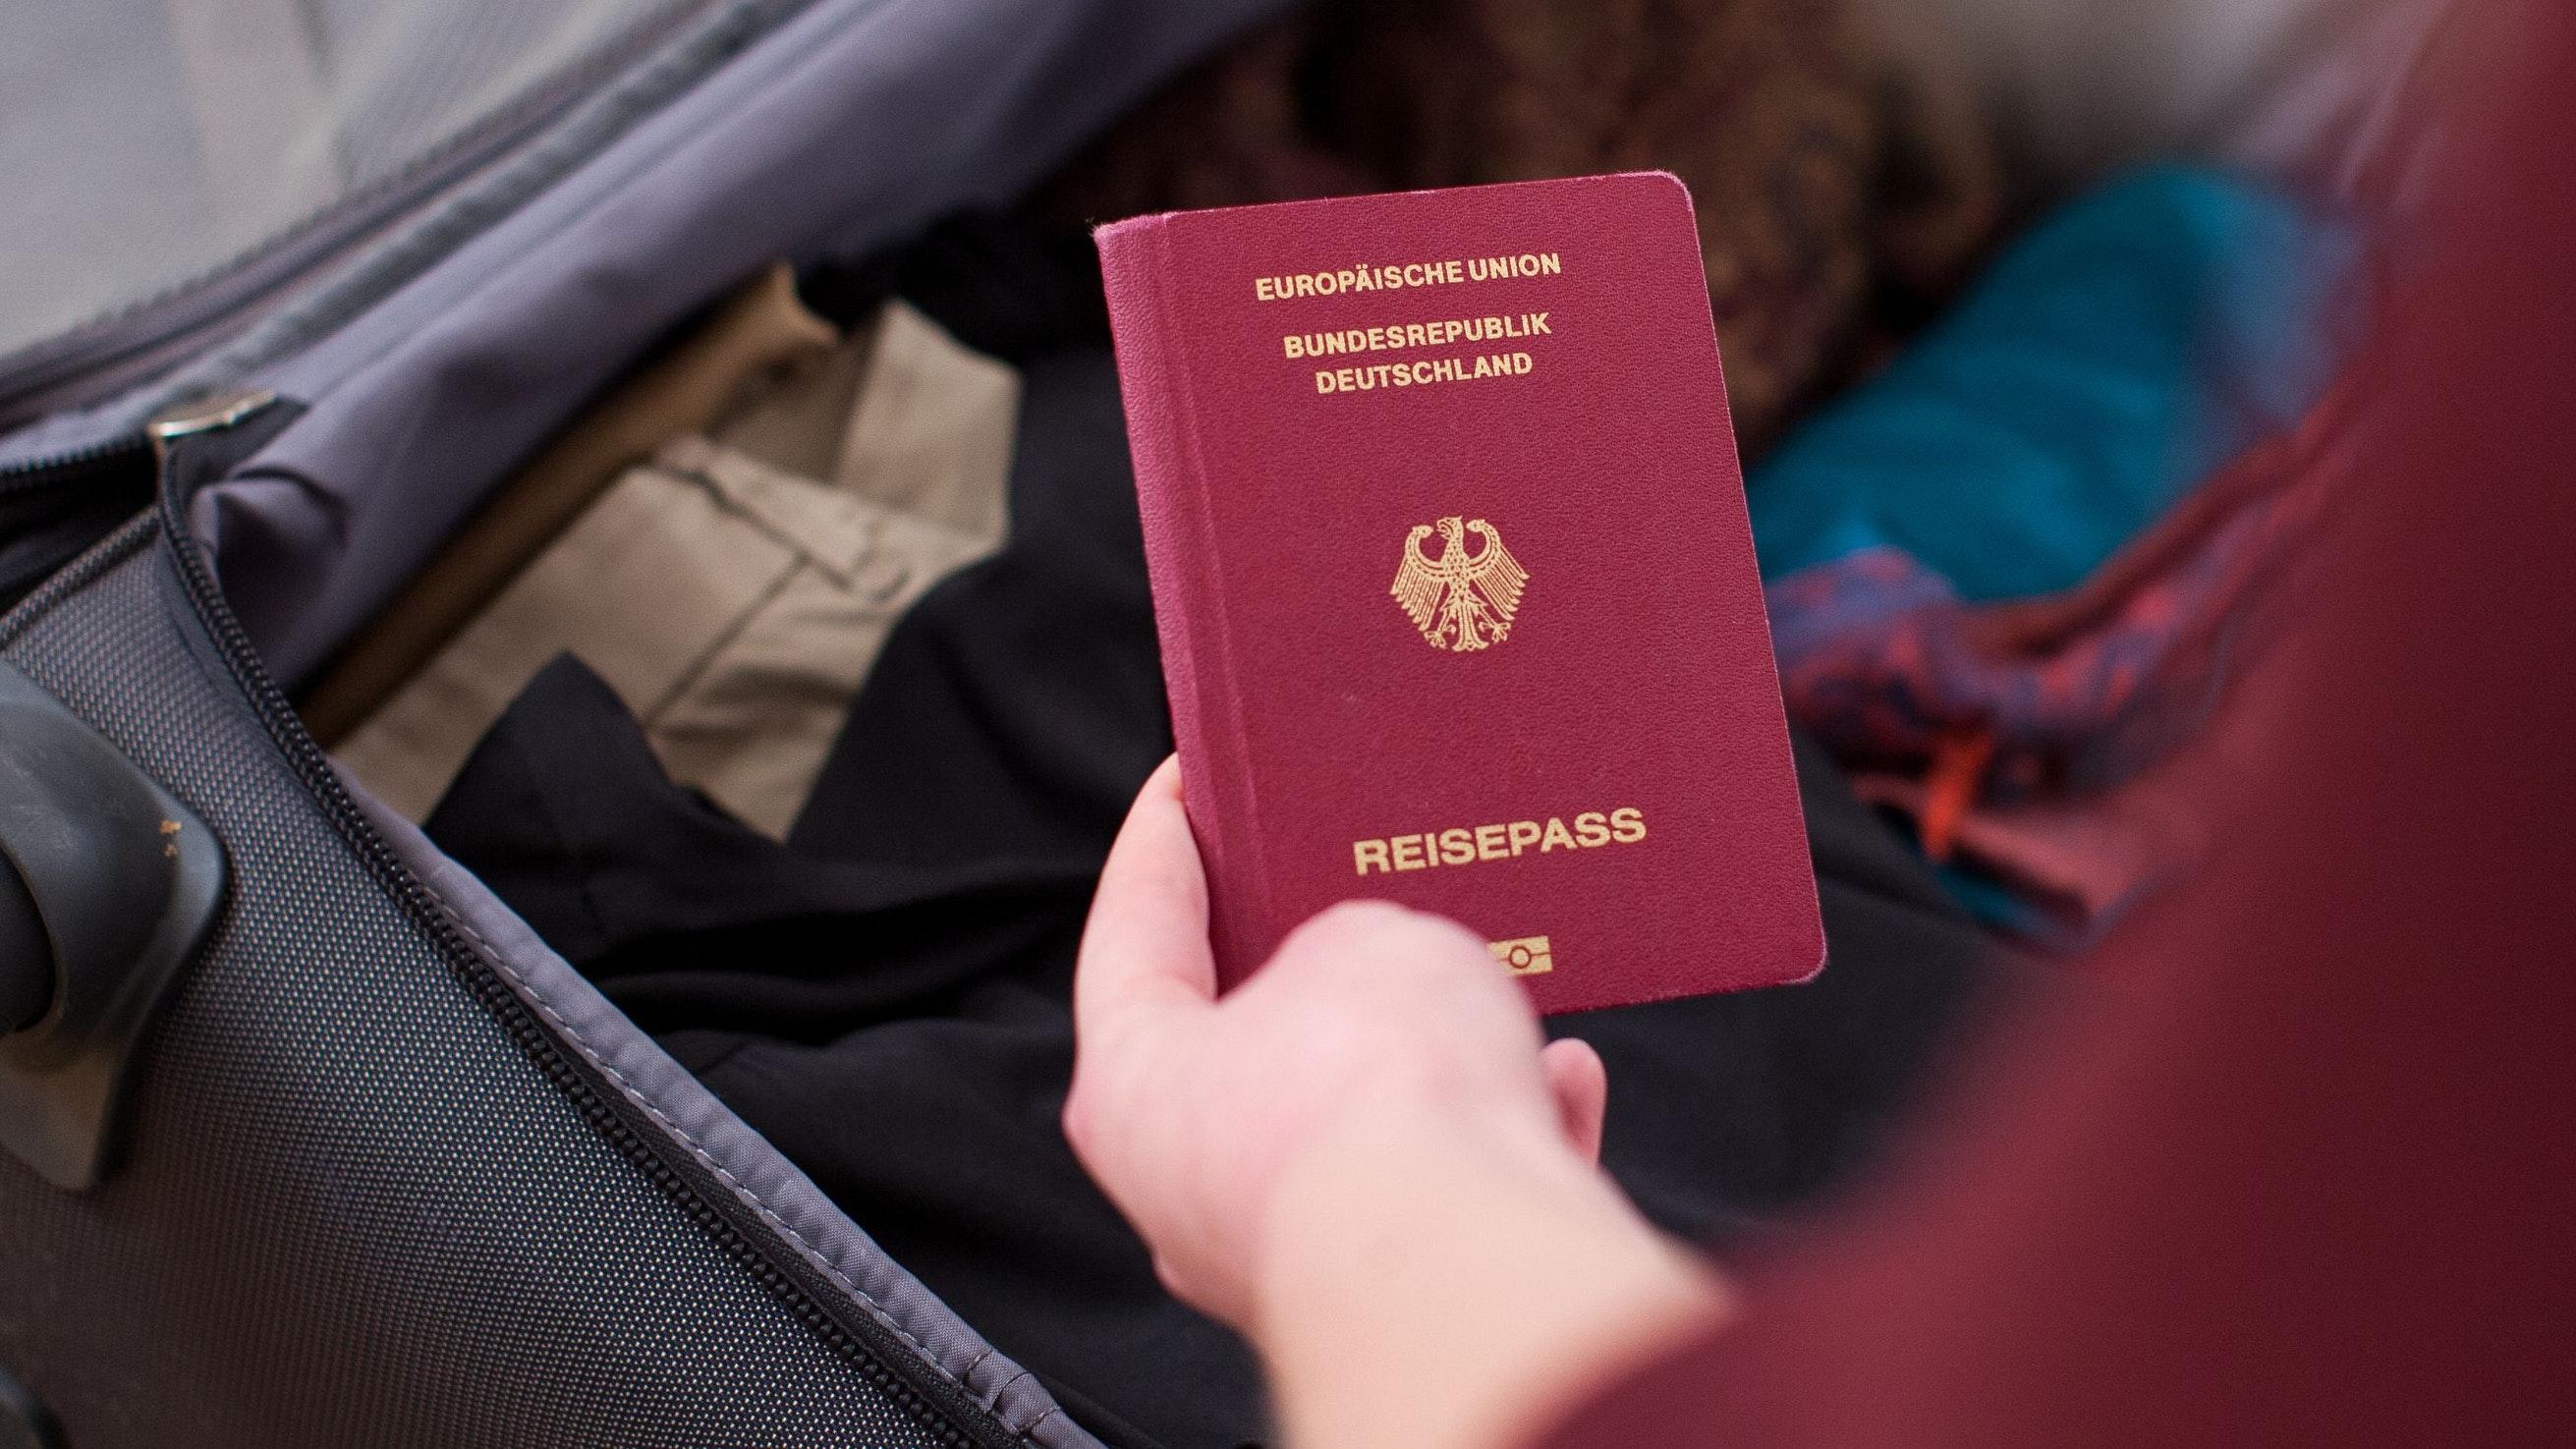 Der Reisepass darf beim Packen für den Urlaub zu Zielen außerhalb Europas nicht fehlen. Foto: dpa/Klose